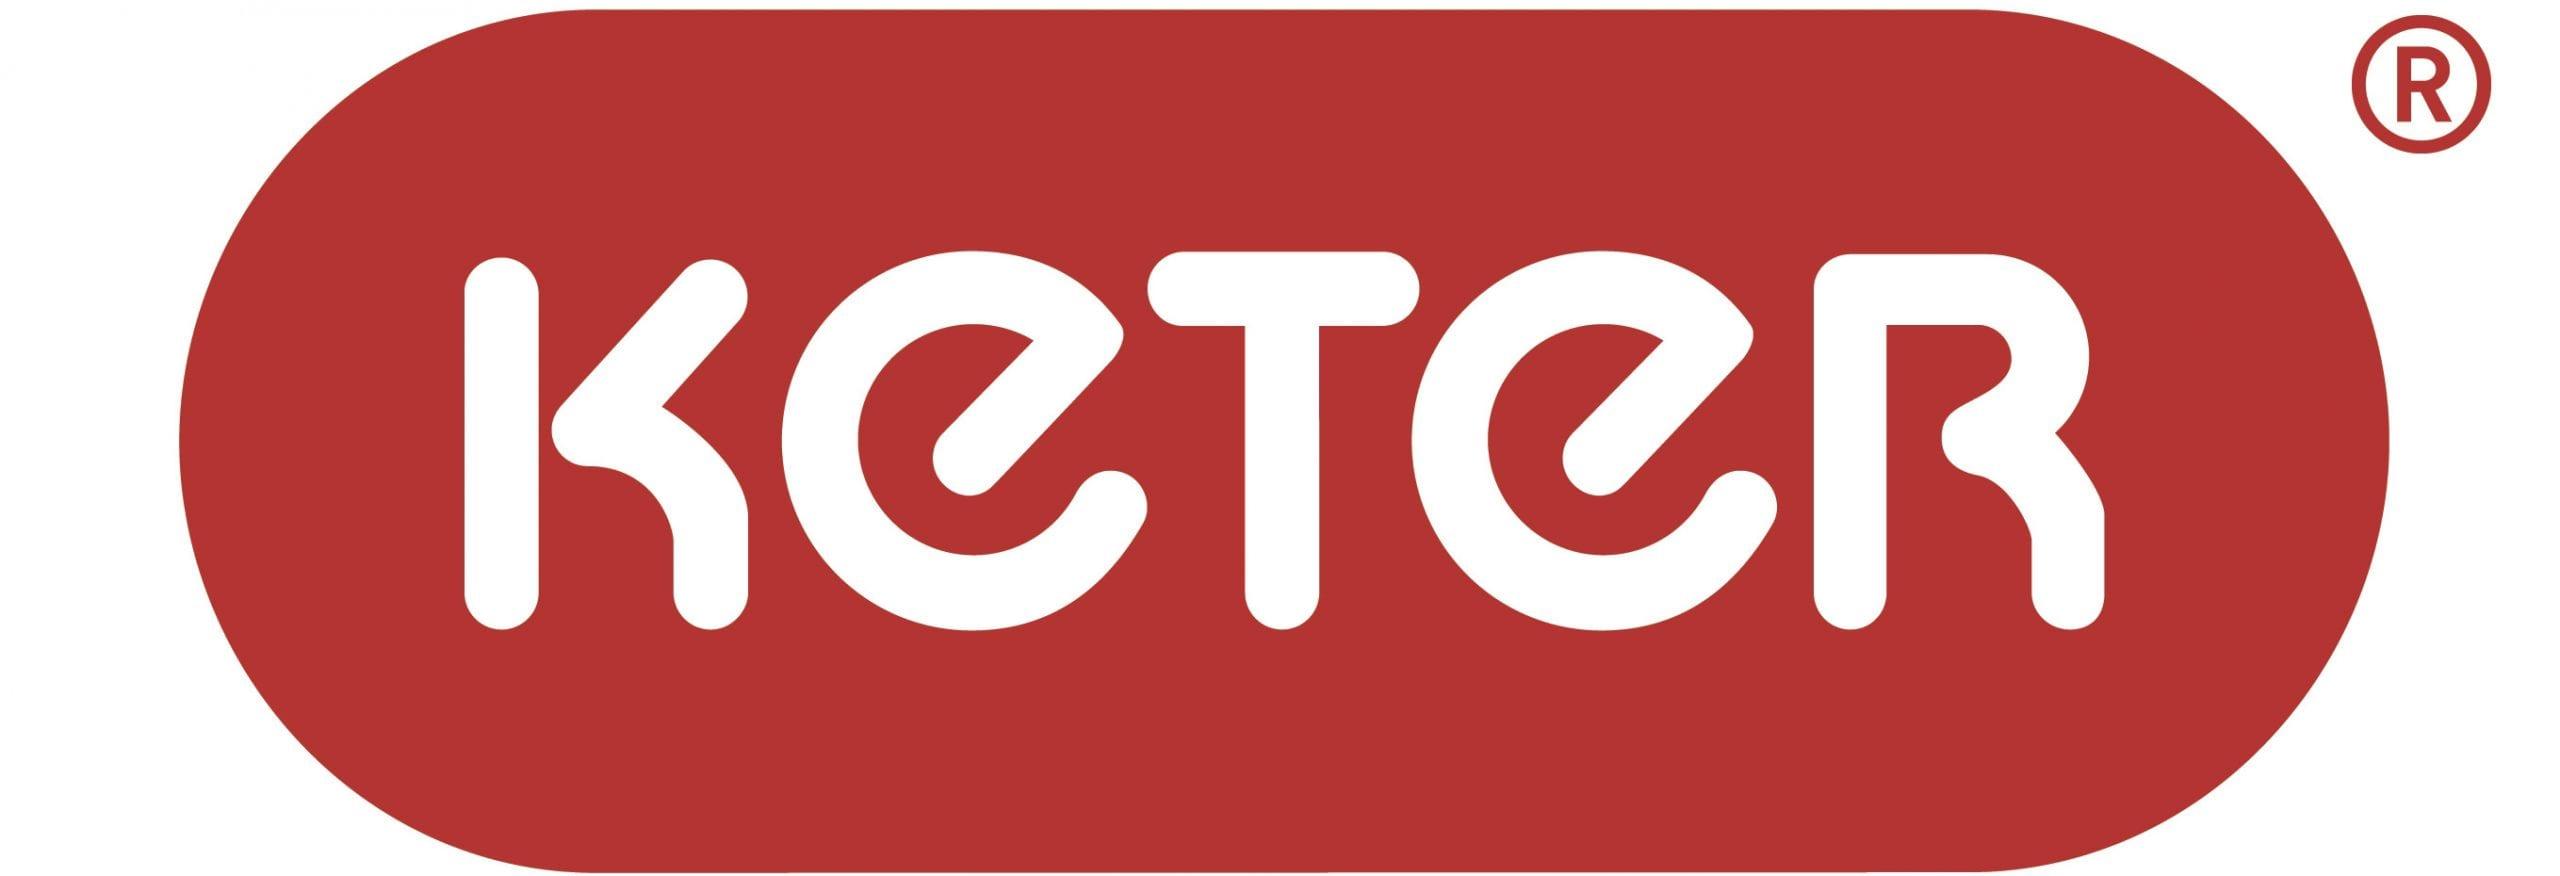 Keter-Red-Logo 2